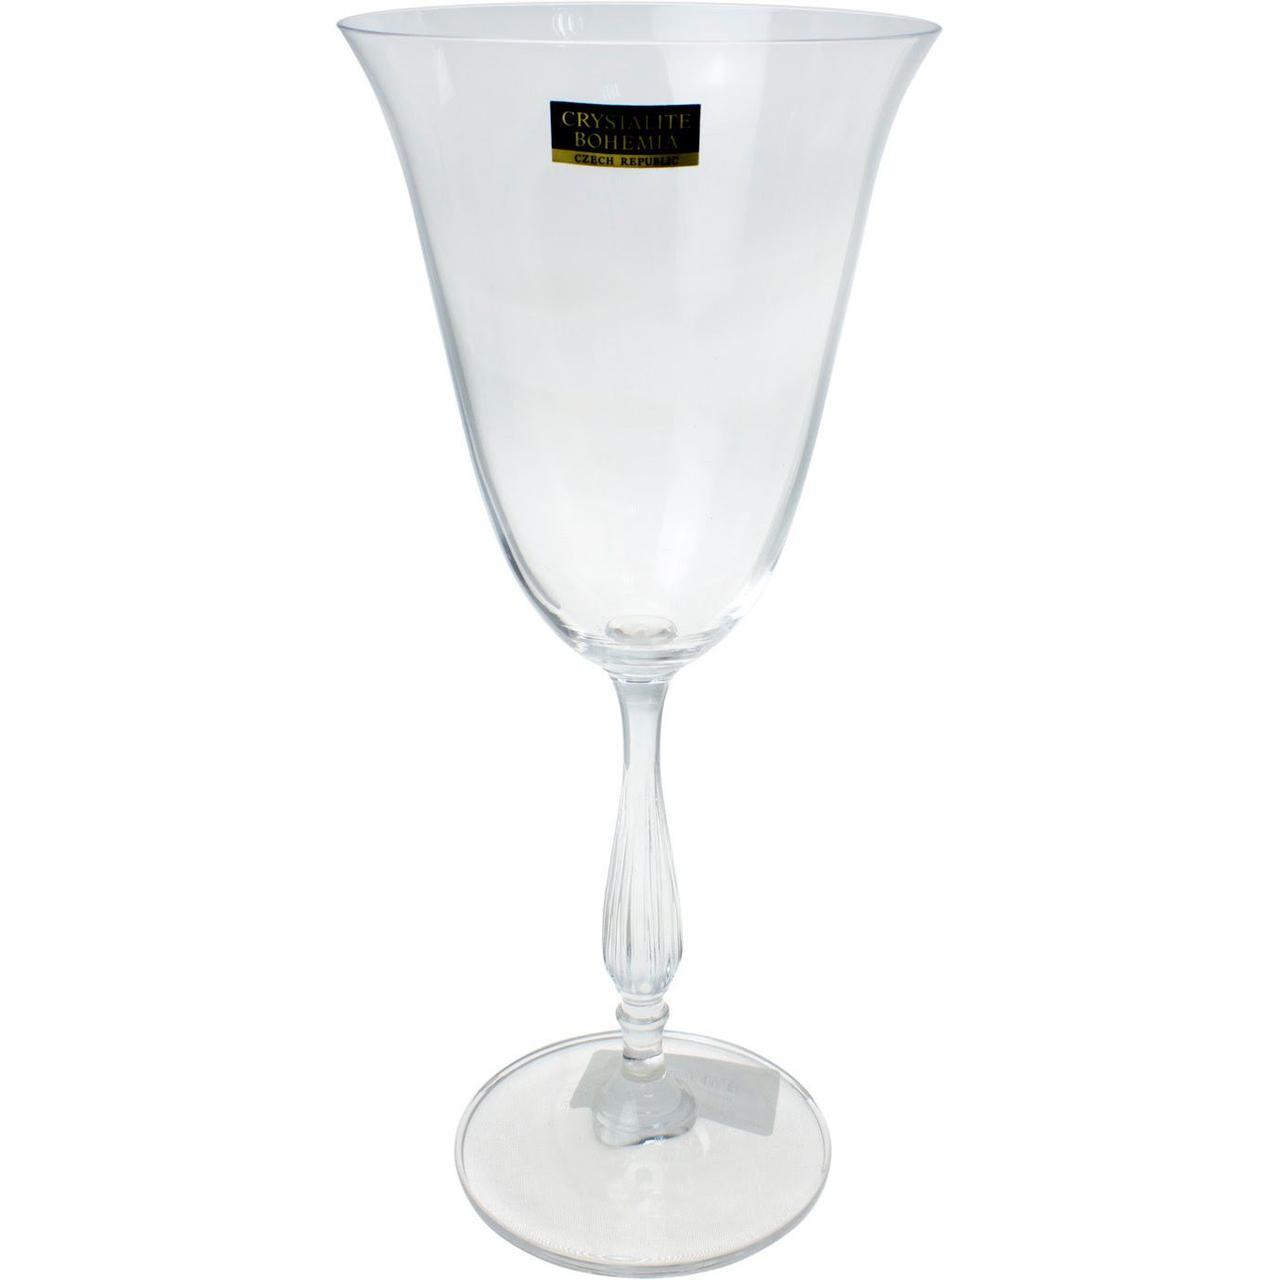 """Келих """"Bohemia Fregata"""" 250мл (вино) 1SF58/00000/250/8866"""